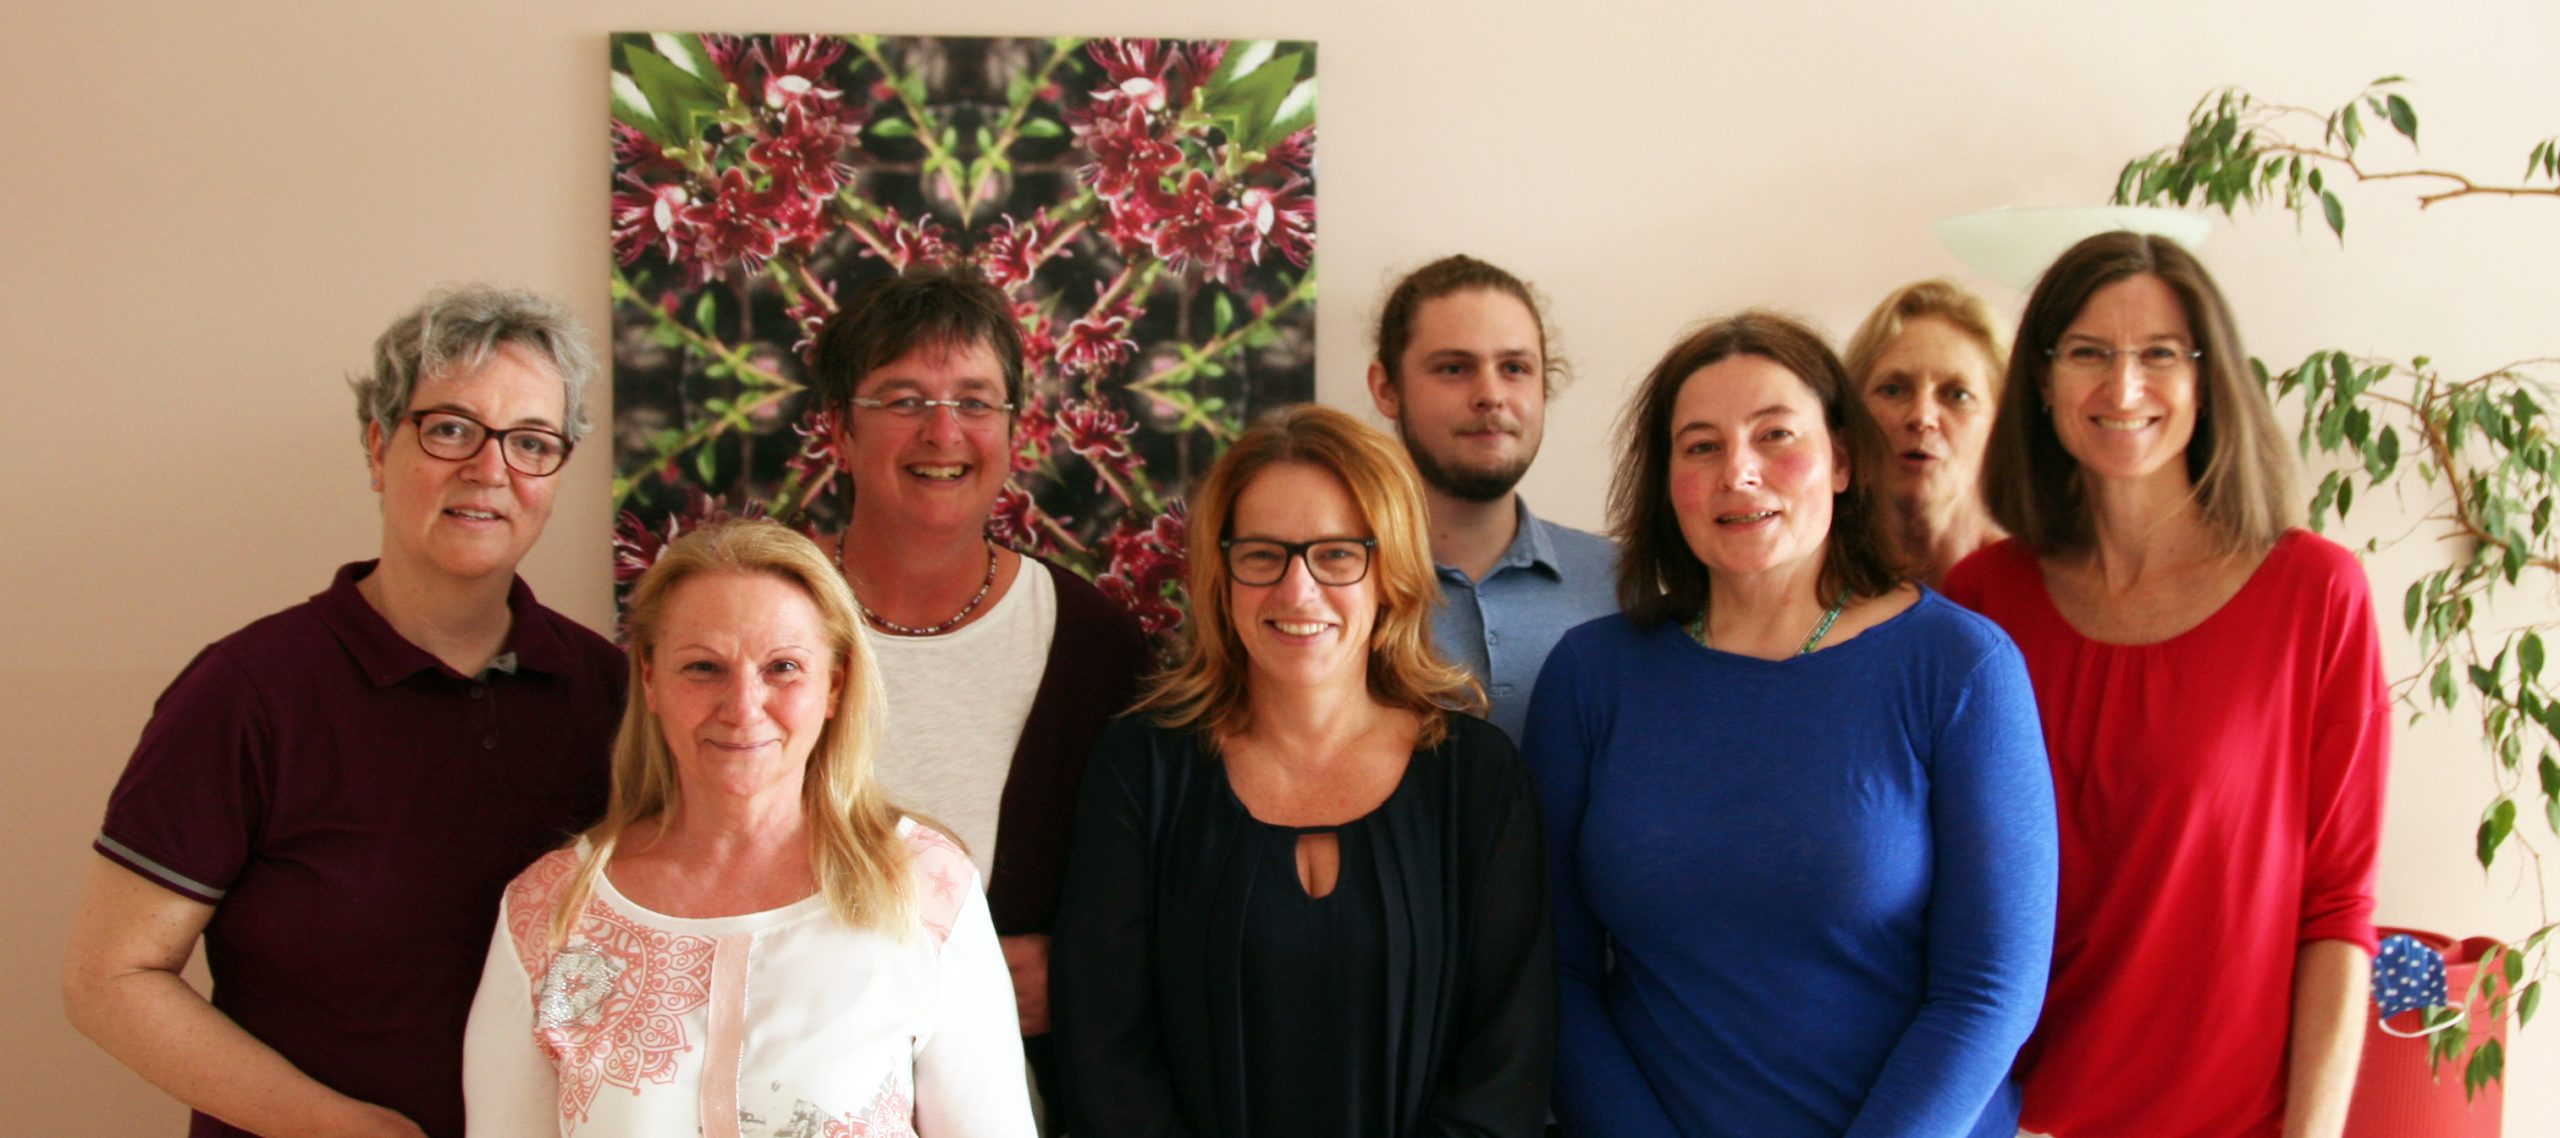 Team physio-augsburg Krankengymnastik und Physiotherapie.